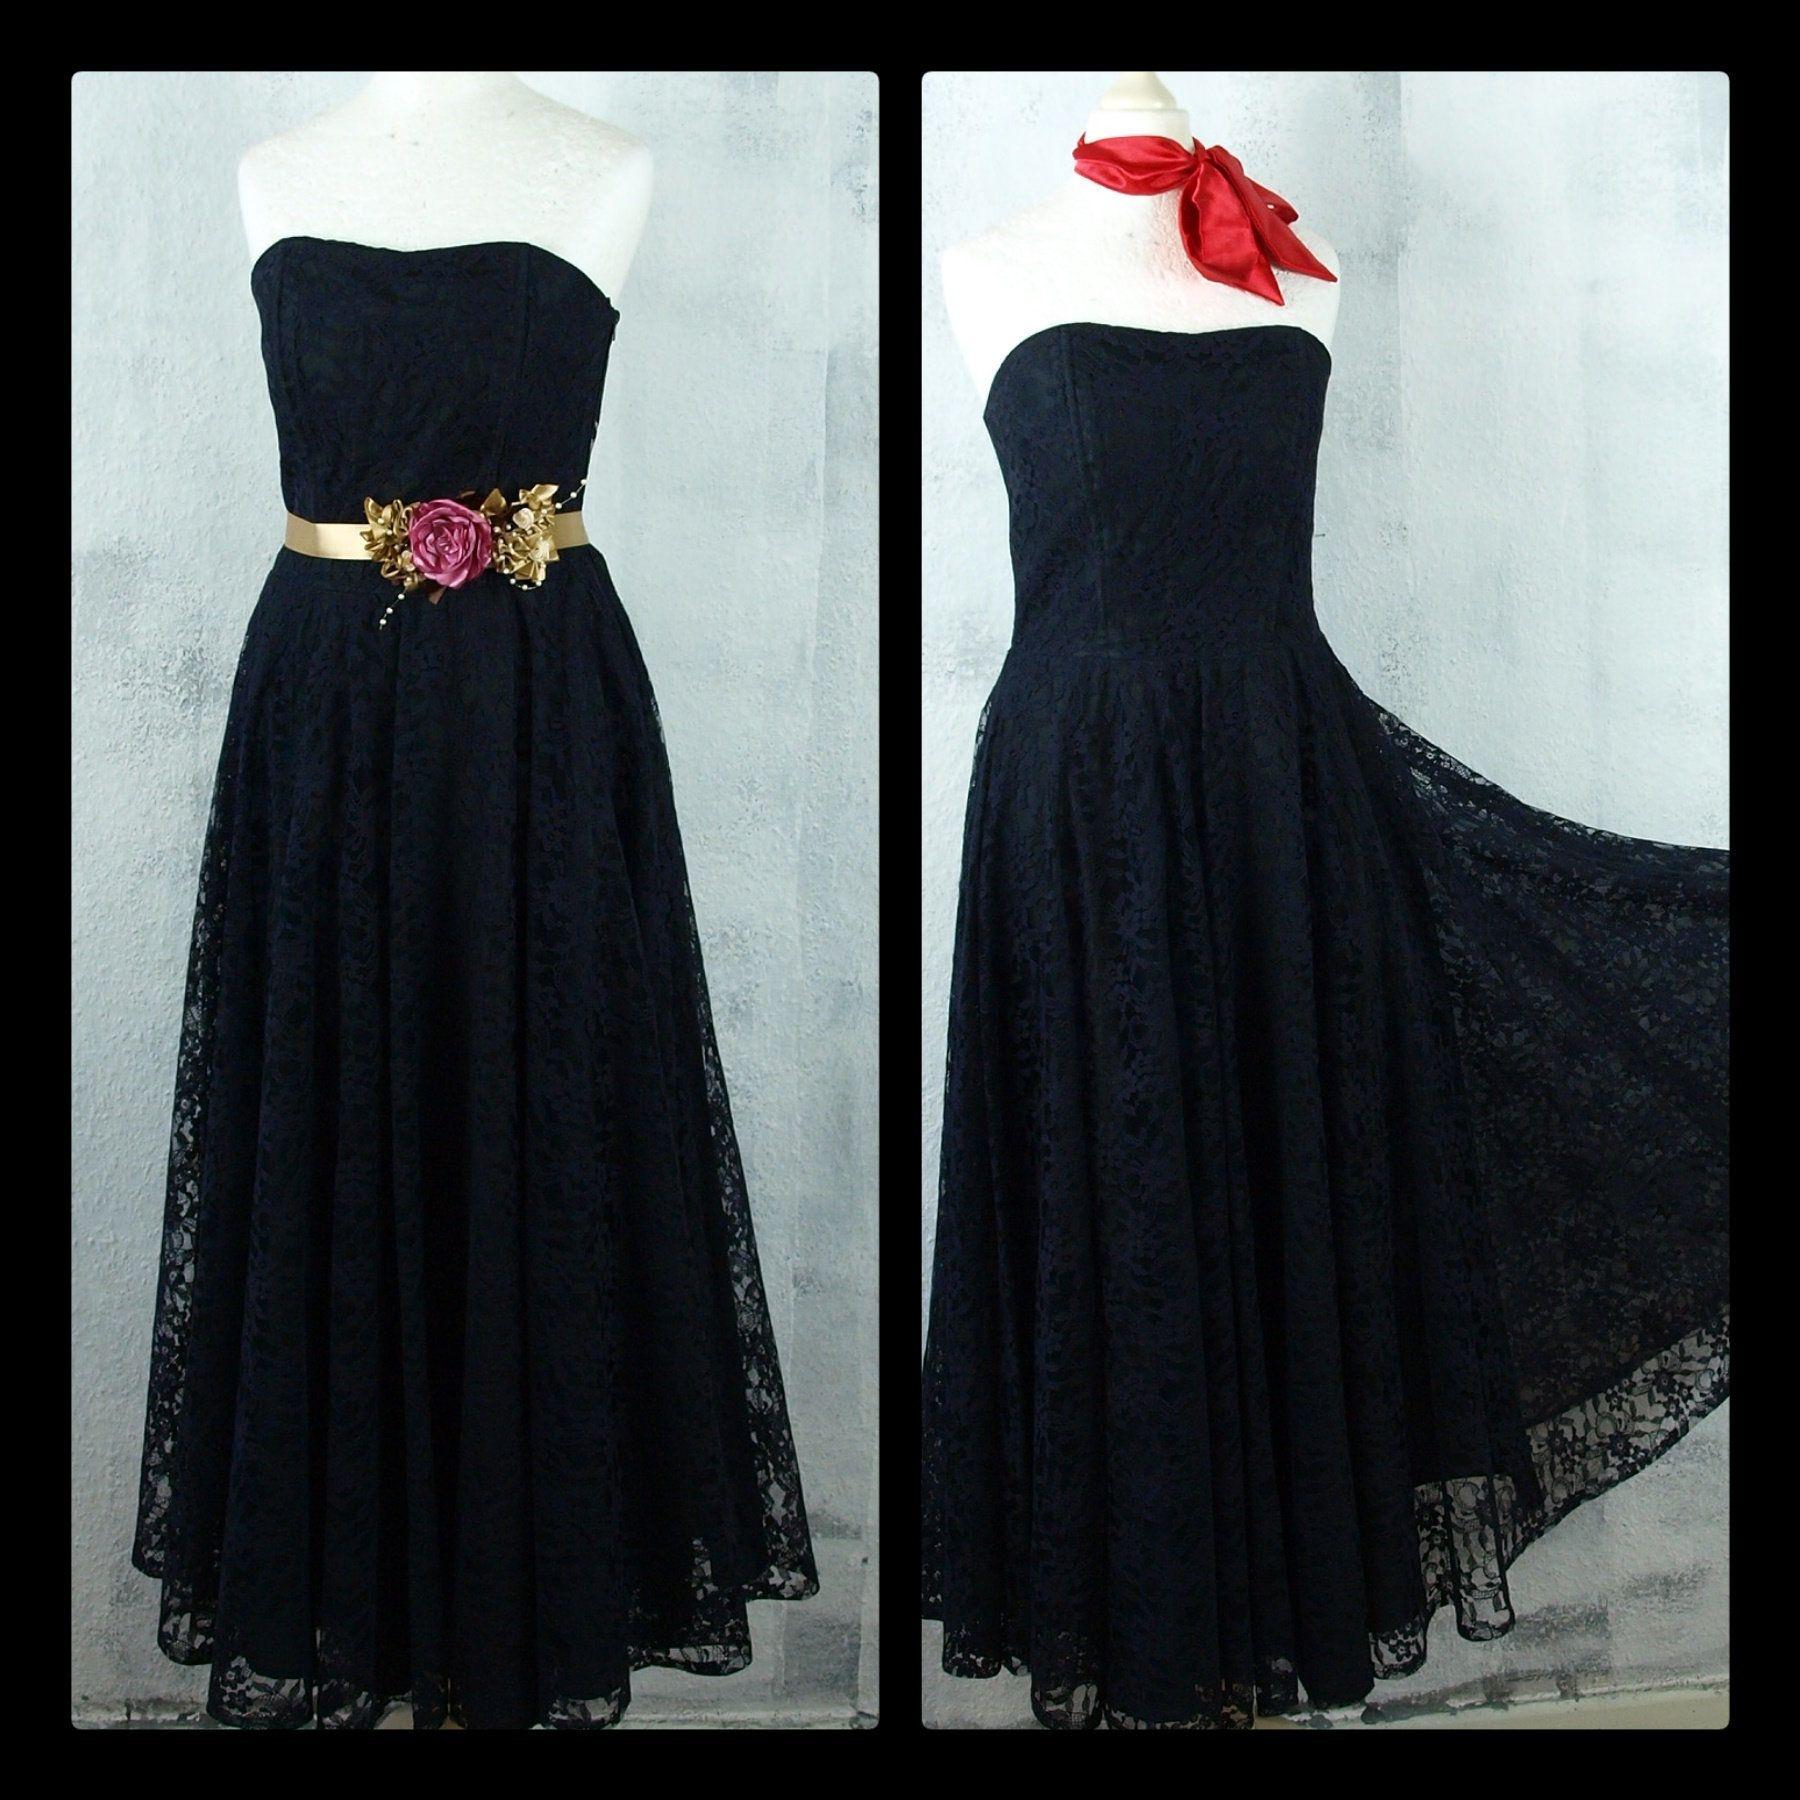 S Kleid Spitze Abendkleid Corsage Victorian Vampire Pinup Vintage